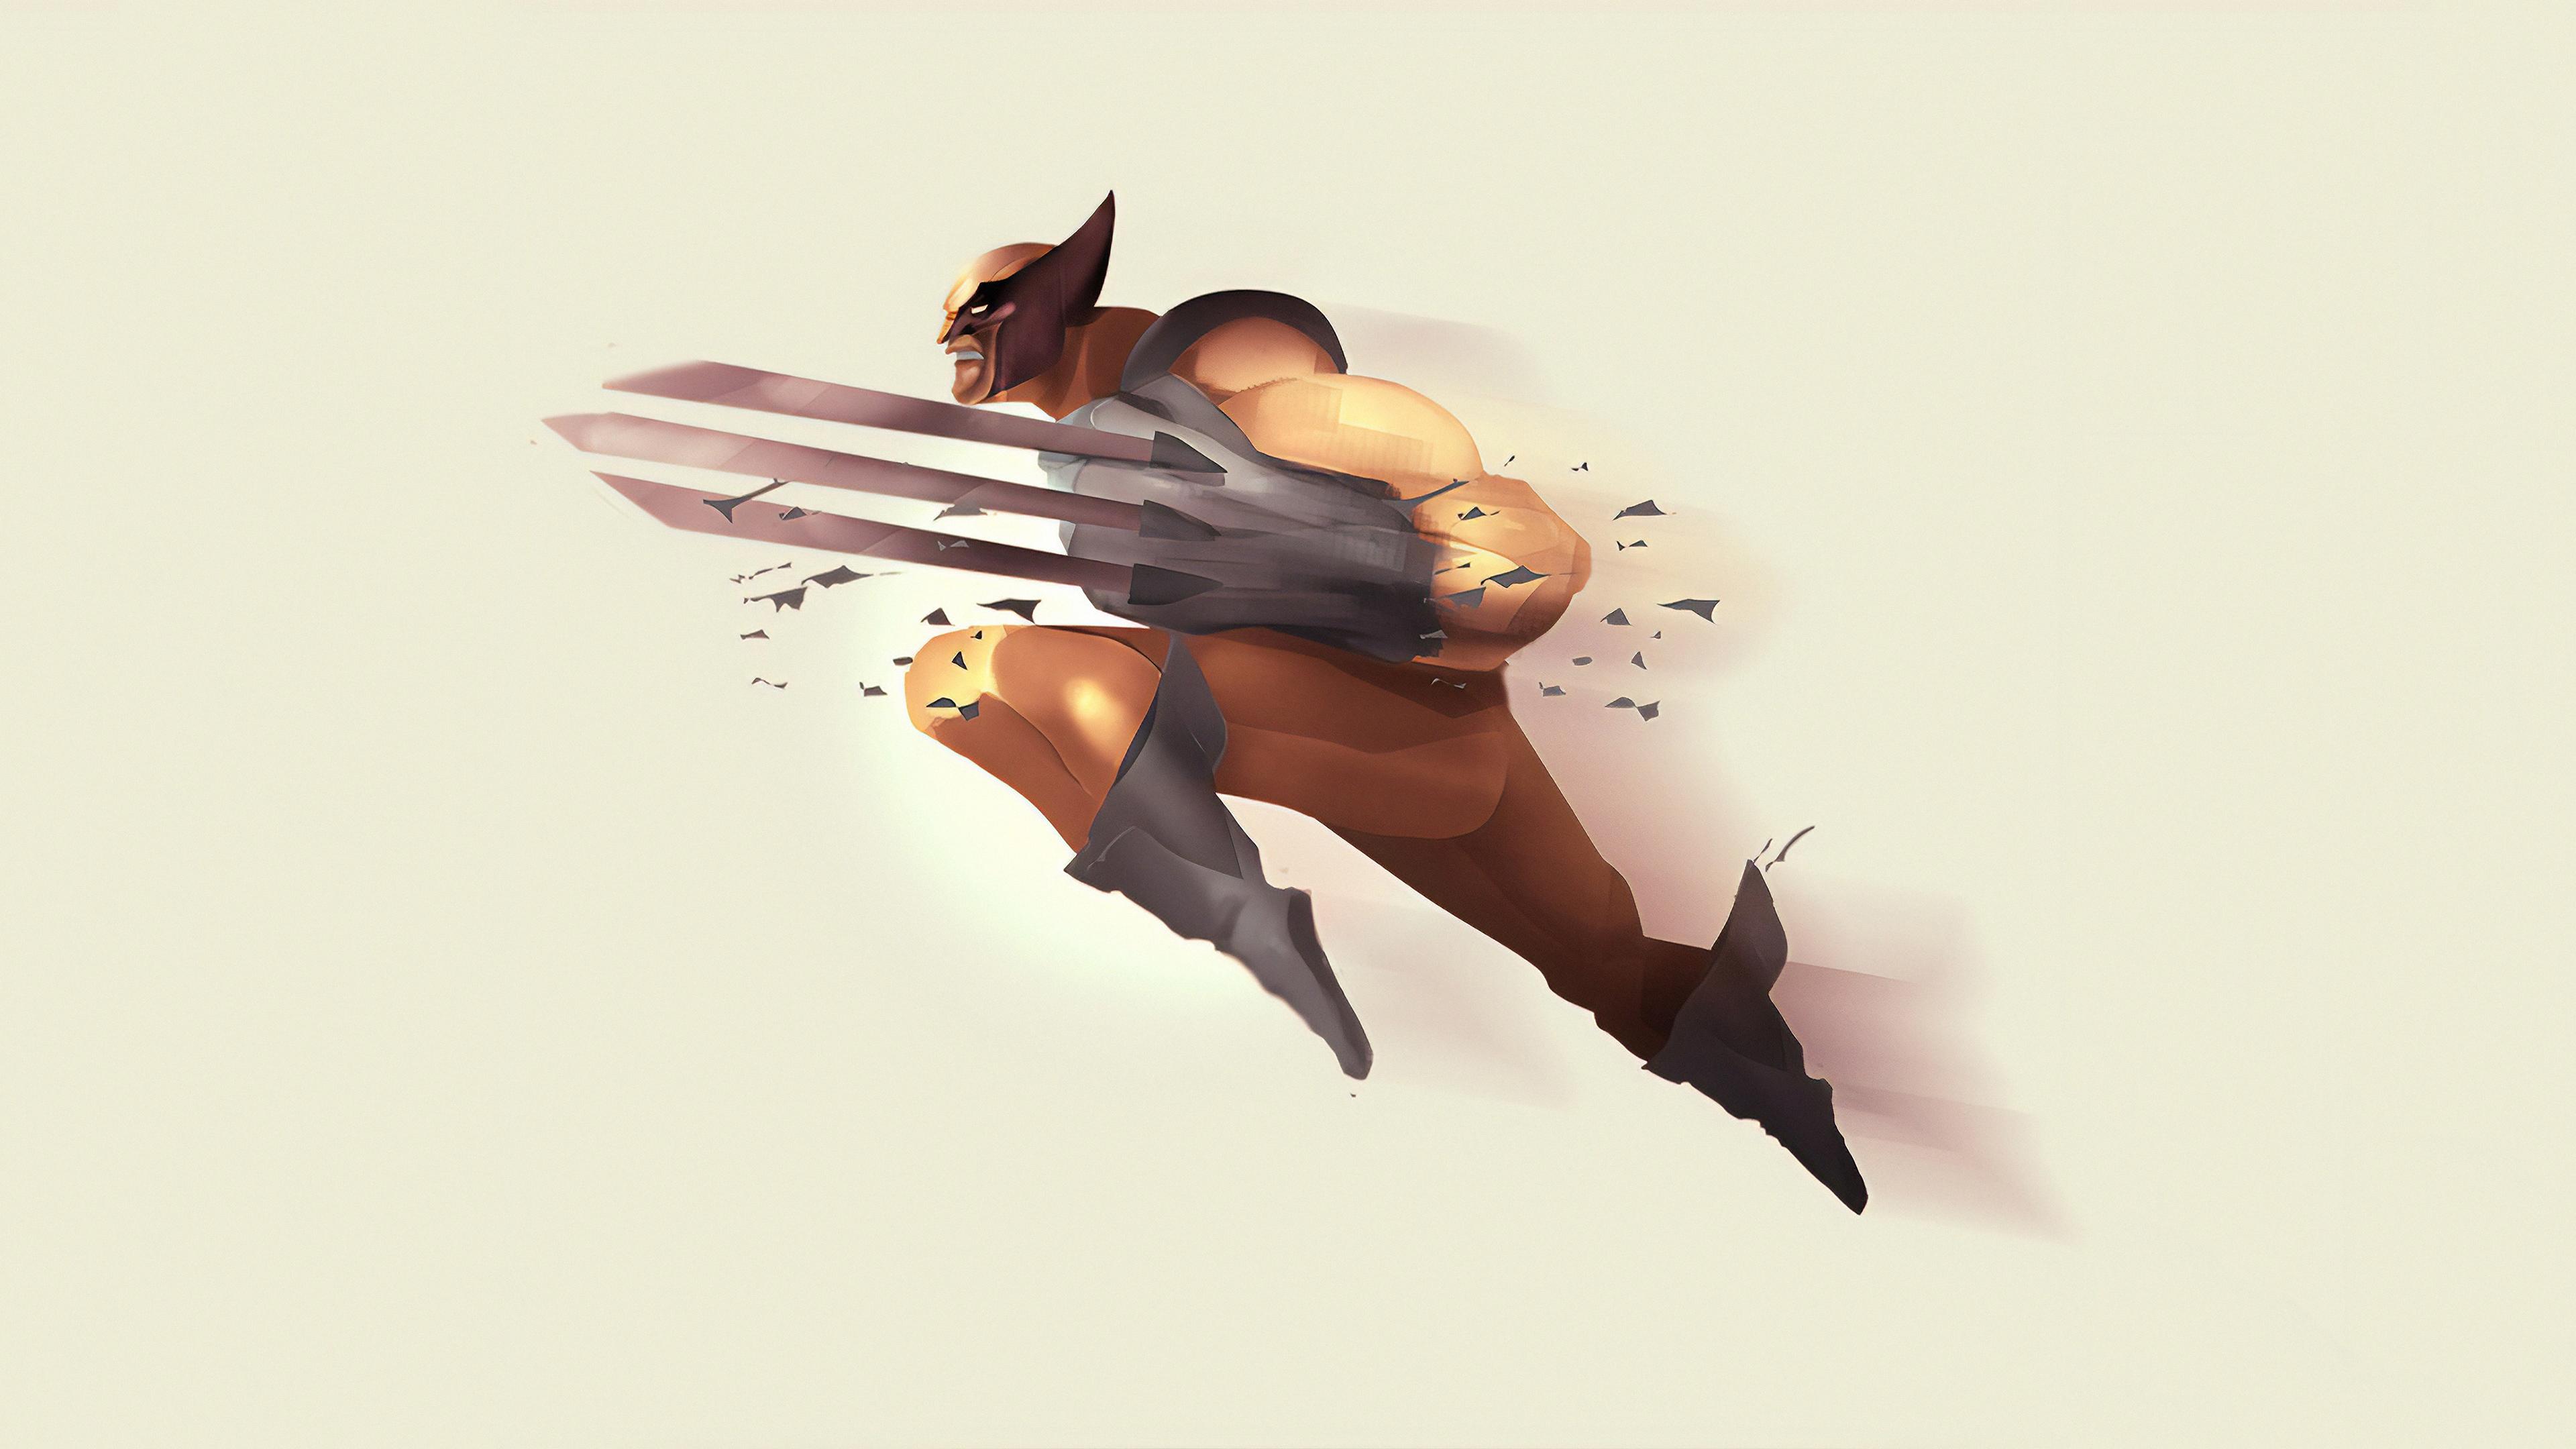 wolverine arts 1570394649 - Wolverine Arts - wolverine wallpapers, superheroes wallpapers, hd-wallpapers, artwork wallpapers, artstation wallpapers, 4k-wallpapers